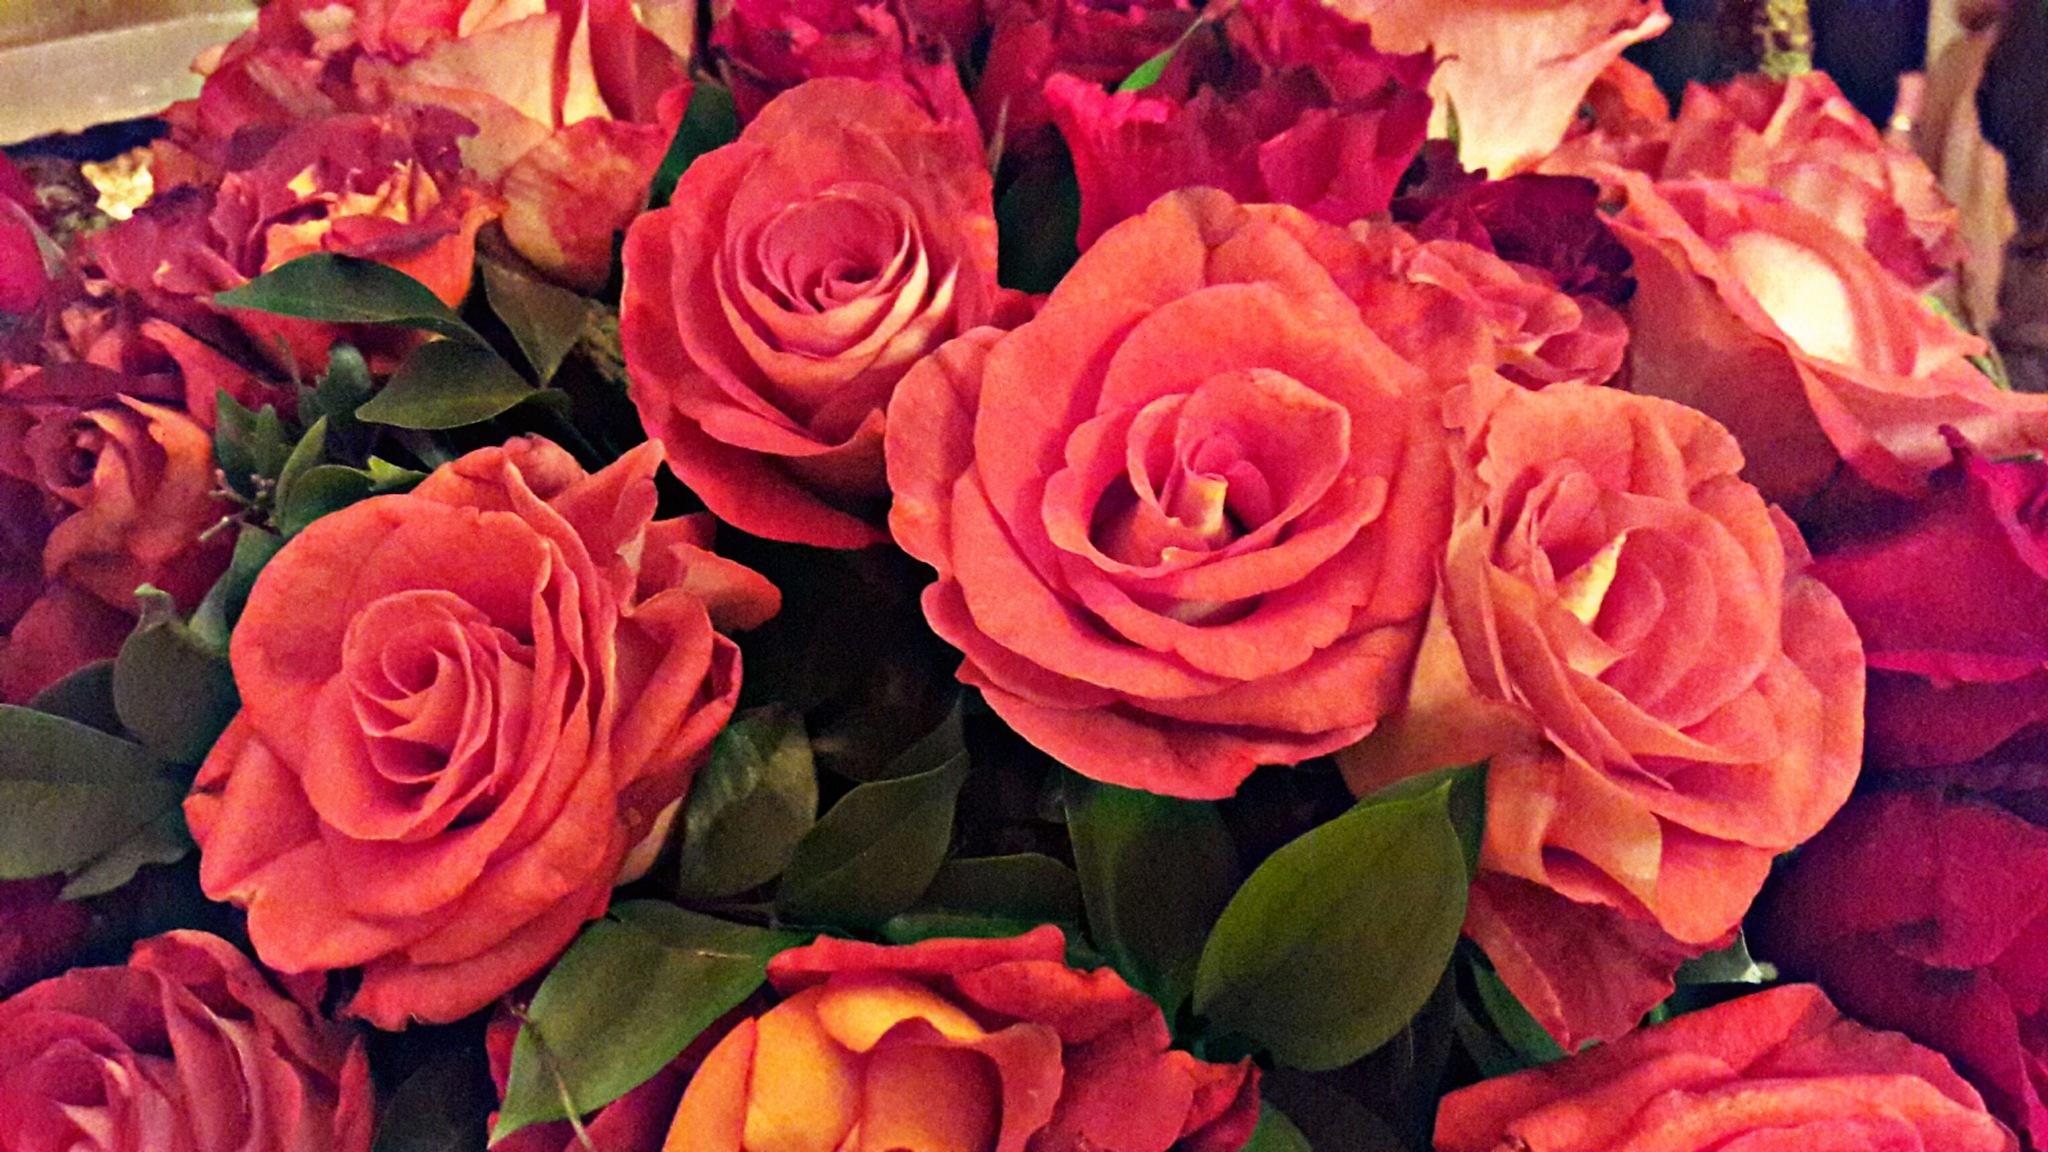 roses by Mutiara